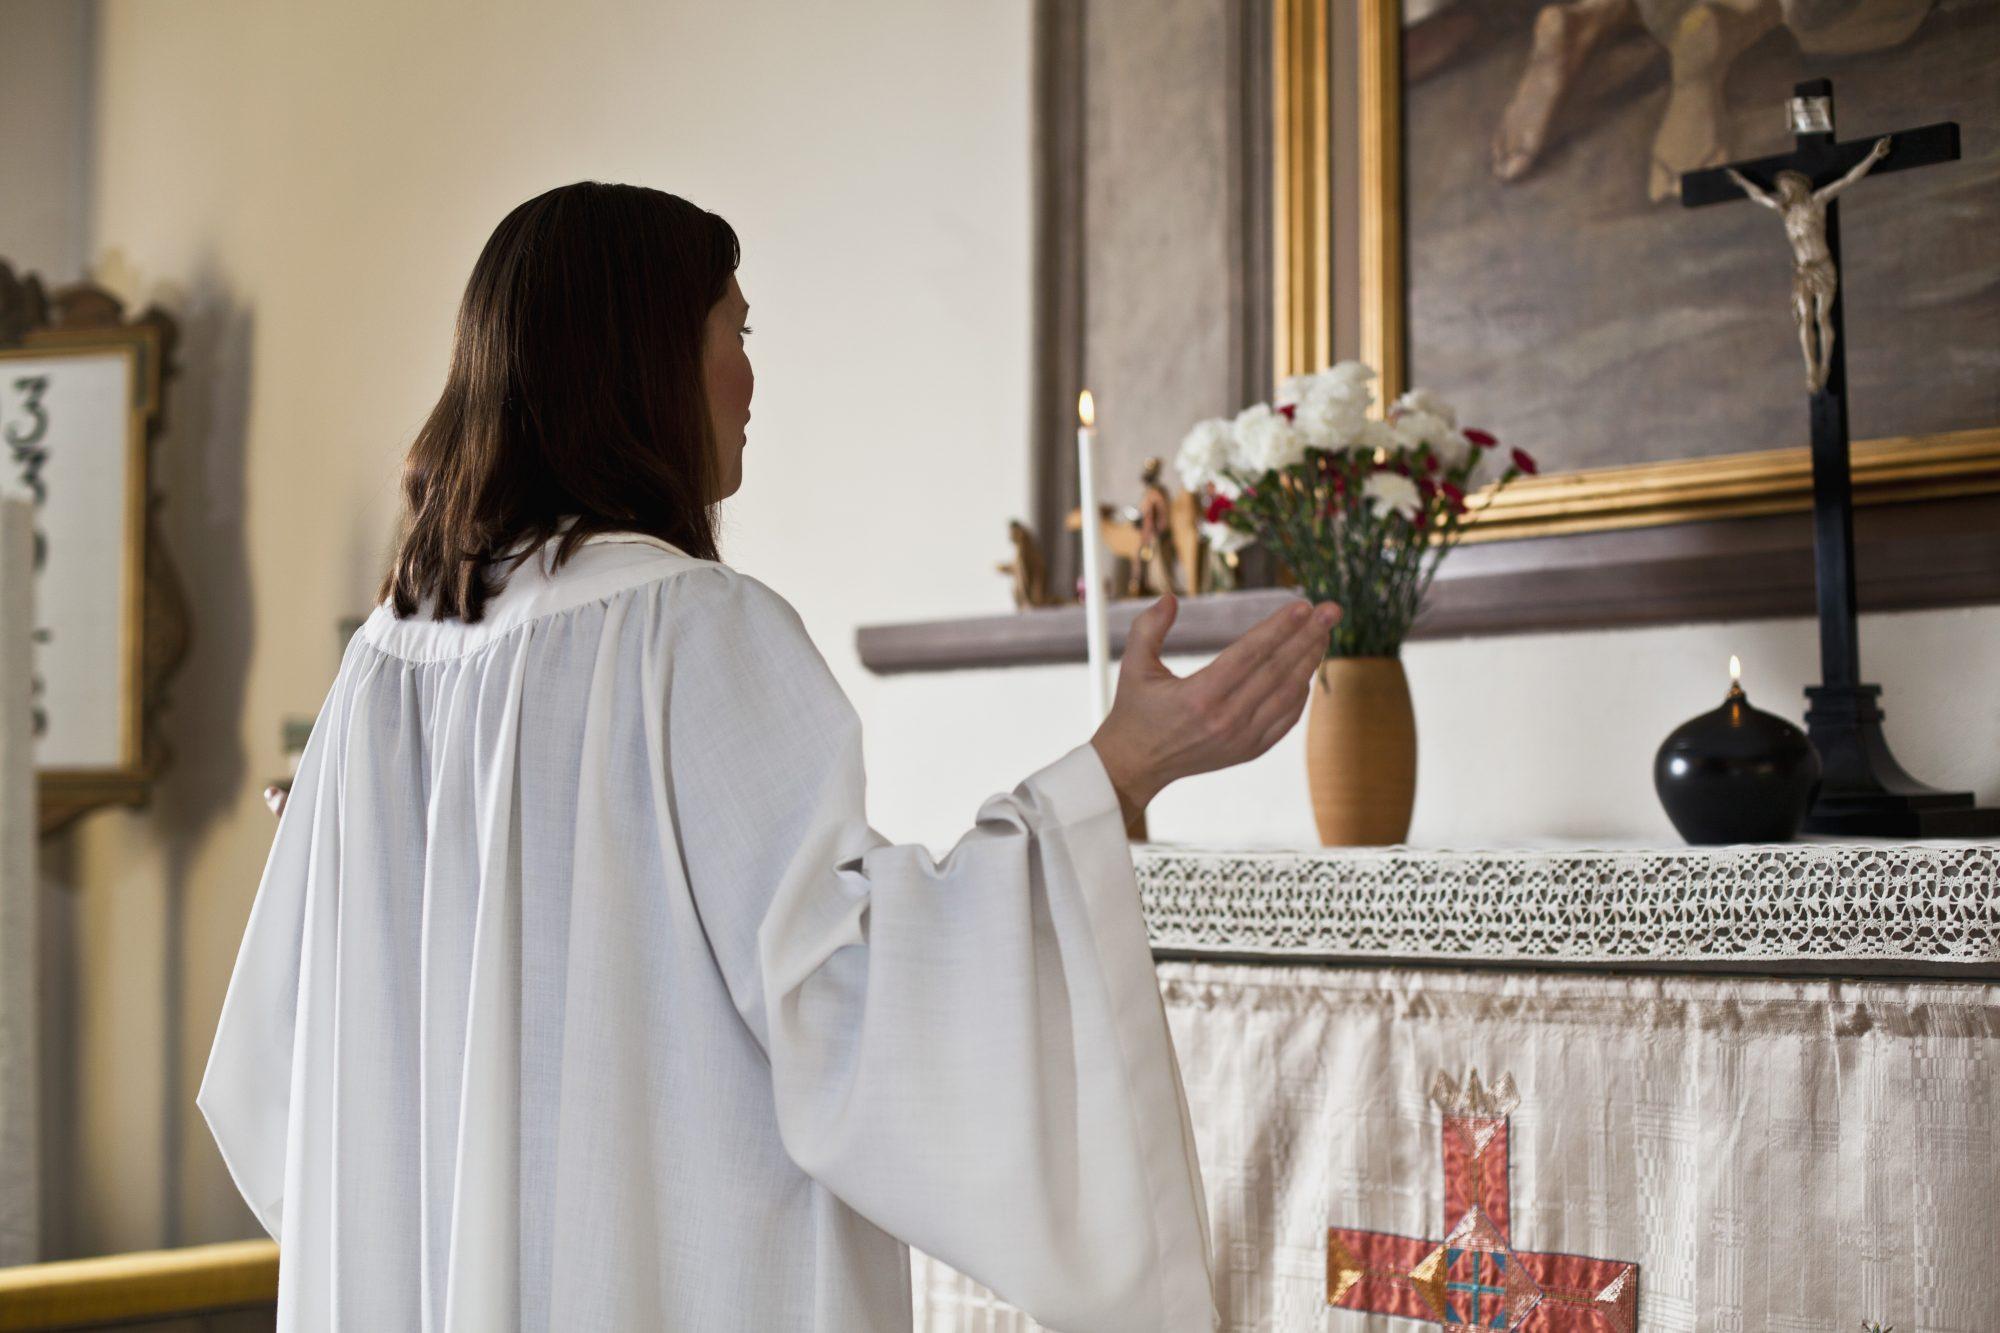 Mujer en iglesia